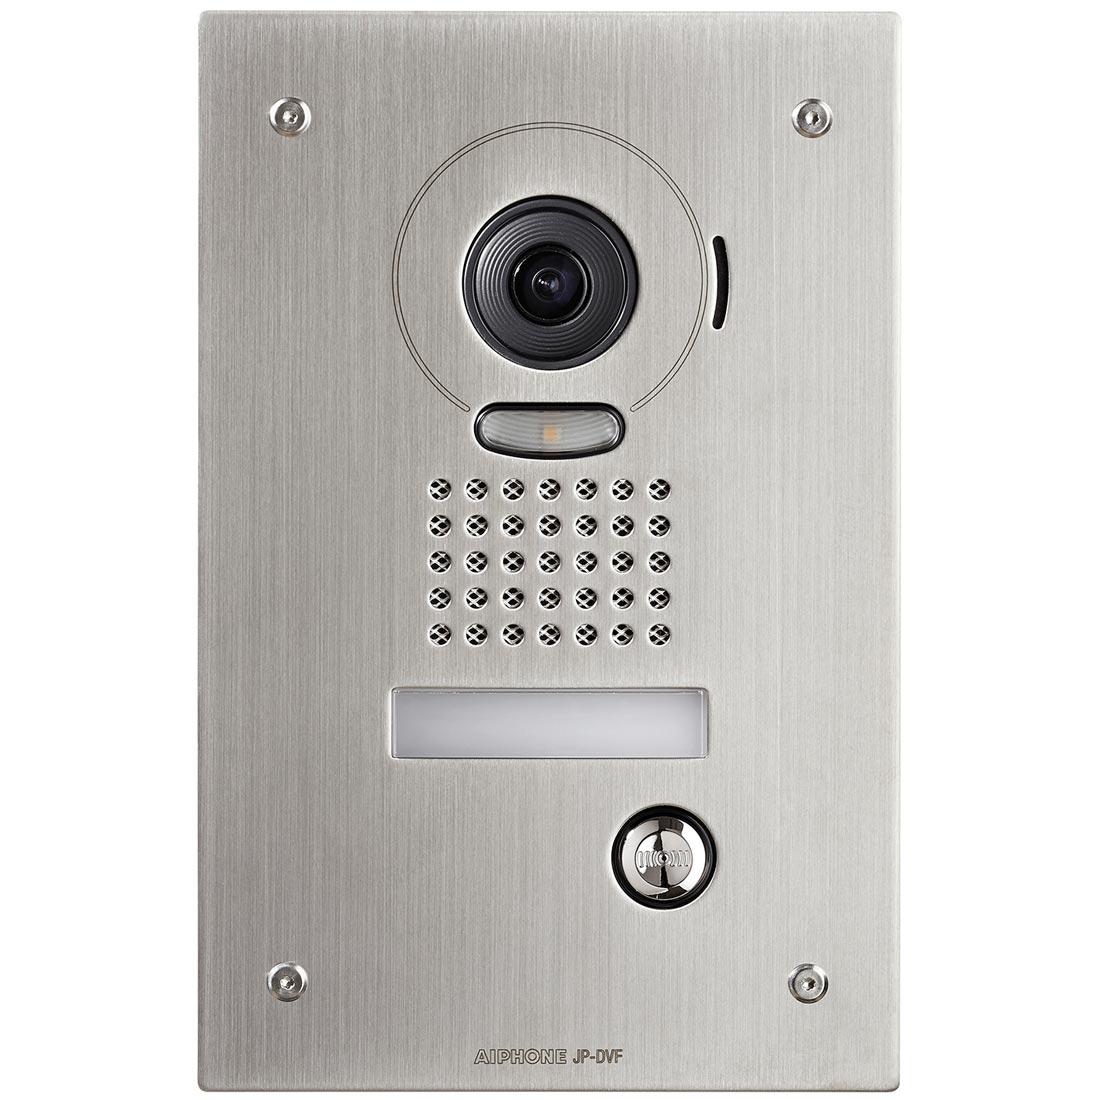 Aiphone - AIP130321 - AIPHONE AIP130321 - JPDVF - Platine vidéo couleur encastrée inox résistante au vandalisme